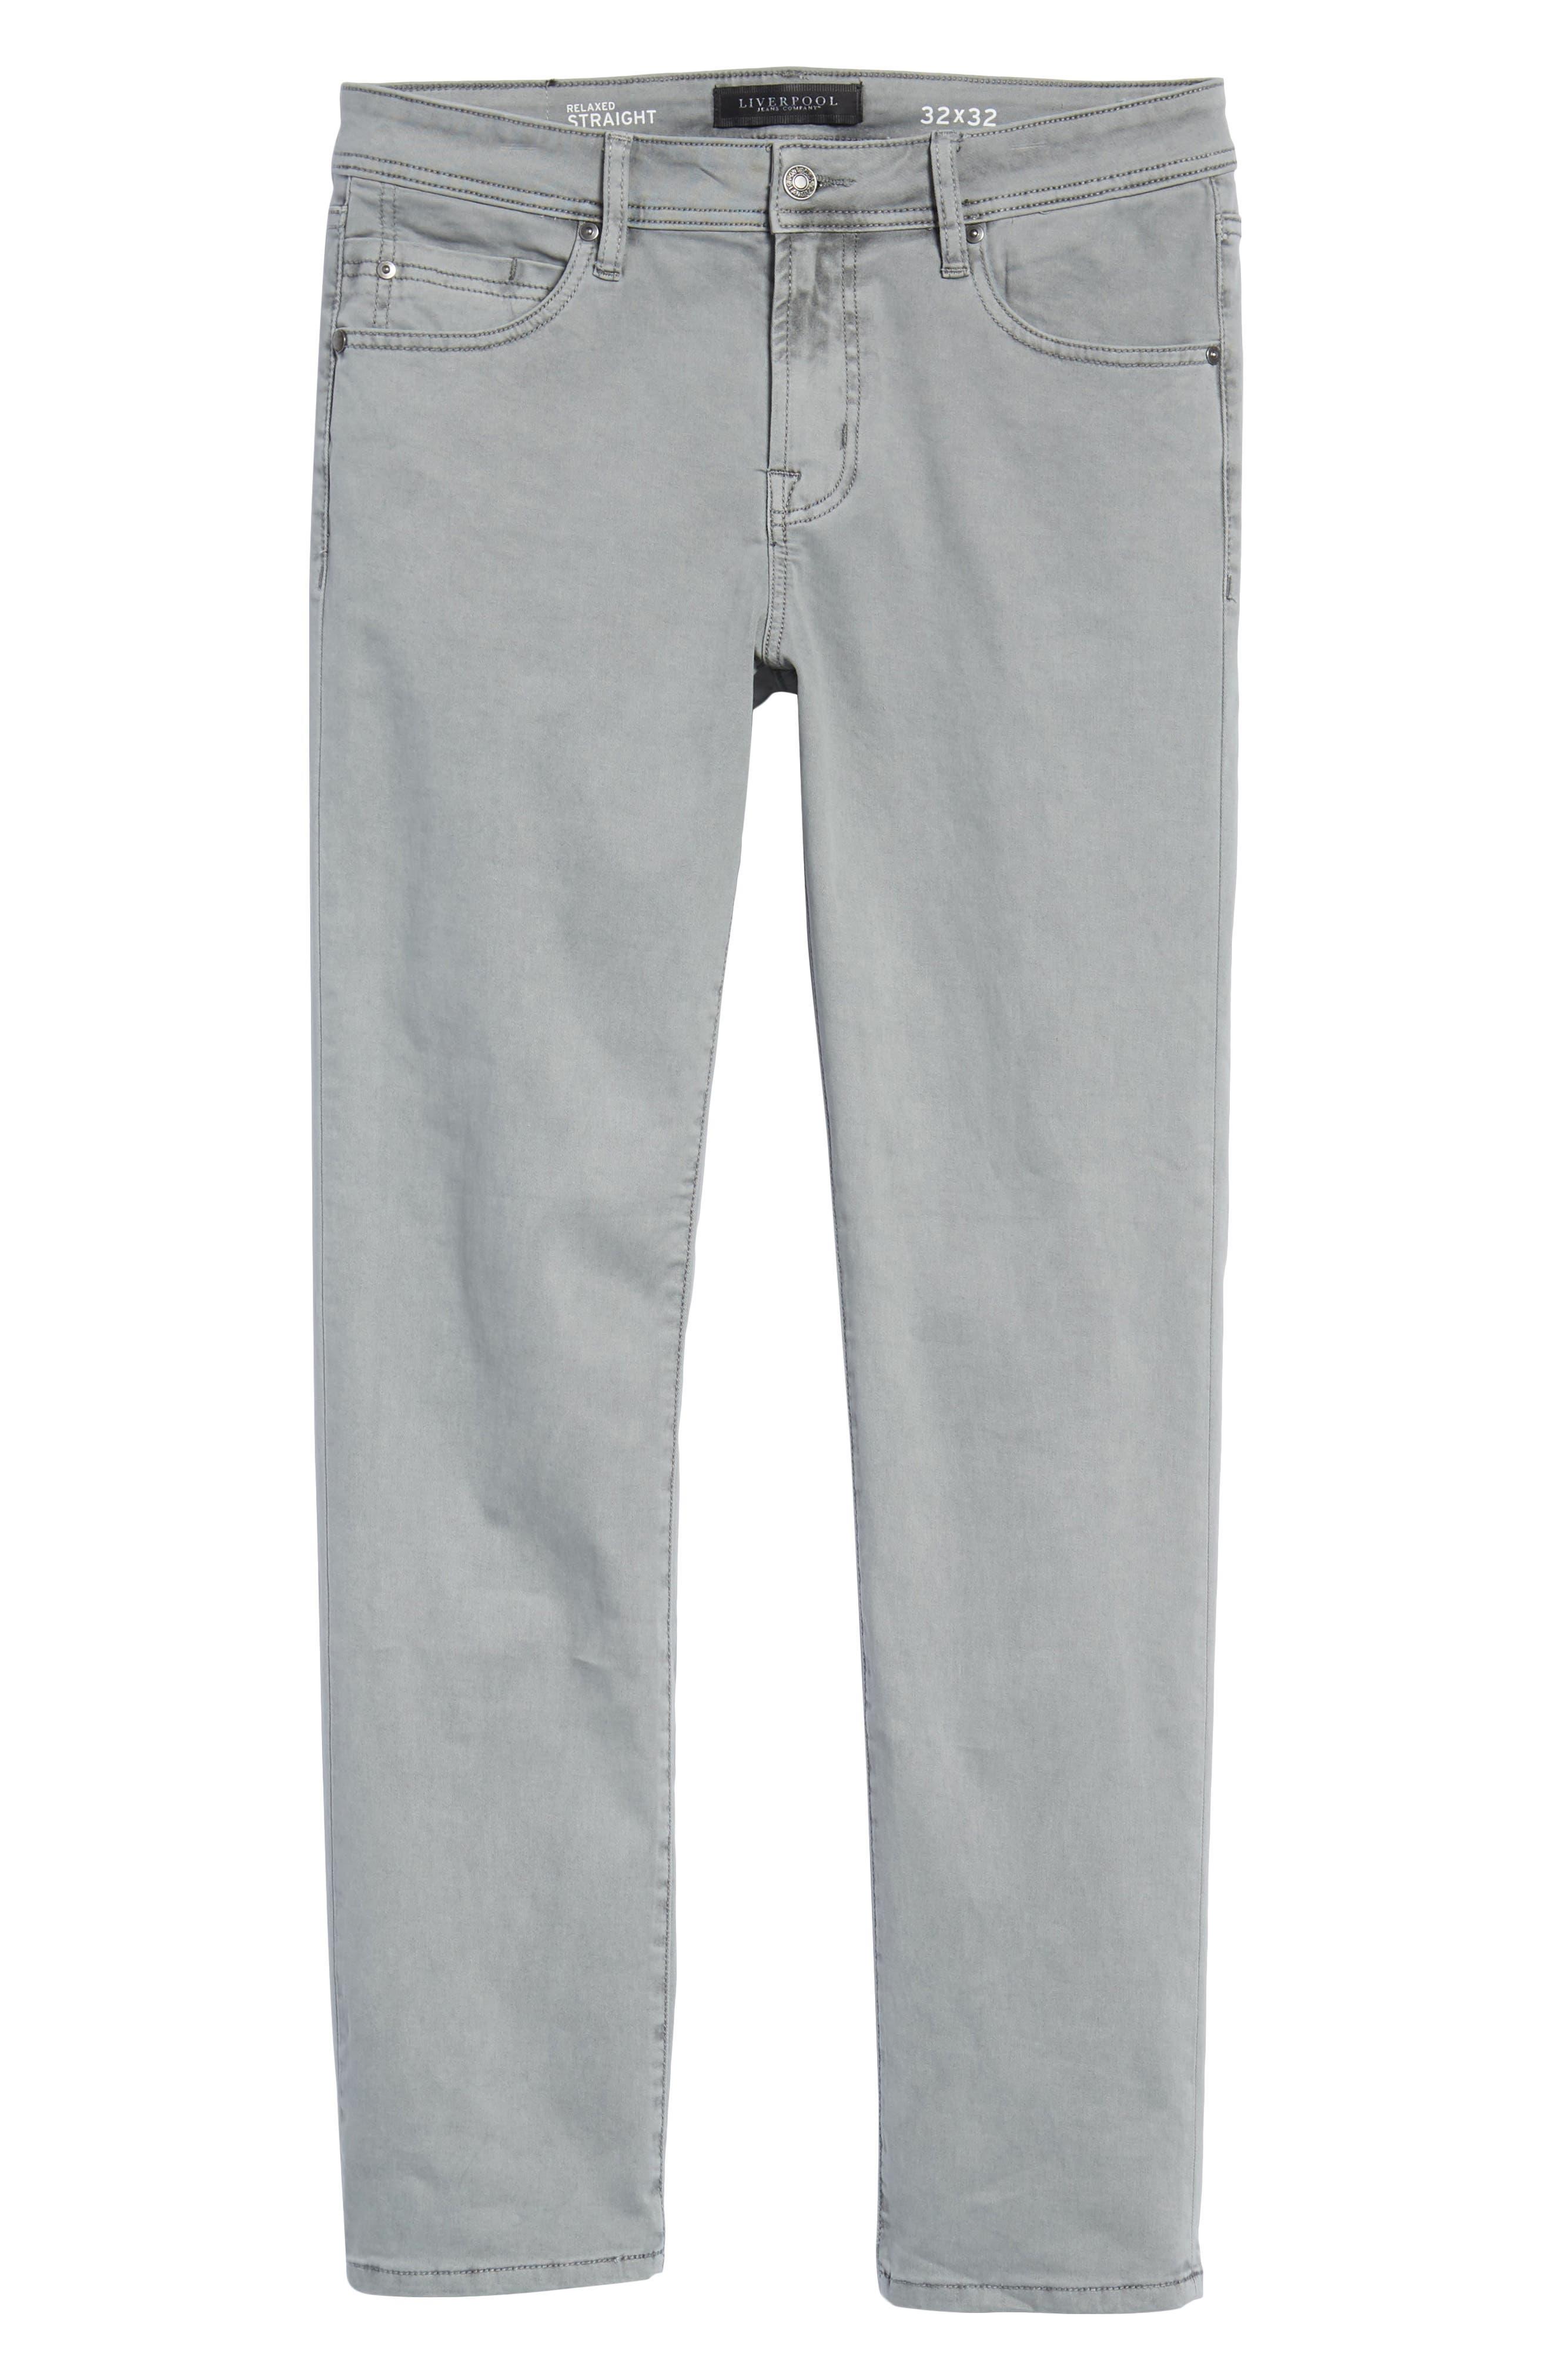 Jeans Co. Straight Leg Jeans,                             Alternate thumbnail 6, color,                             SHARKSKIN